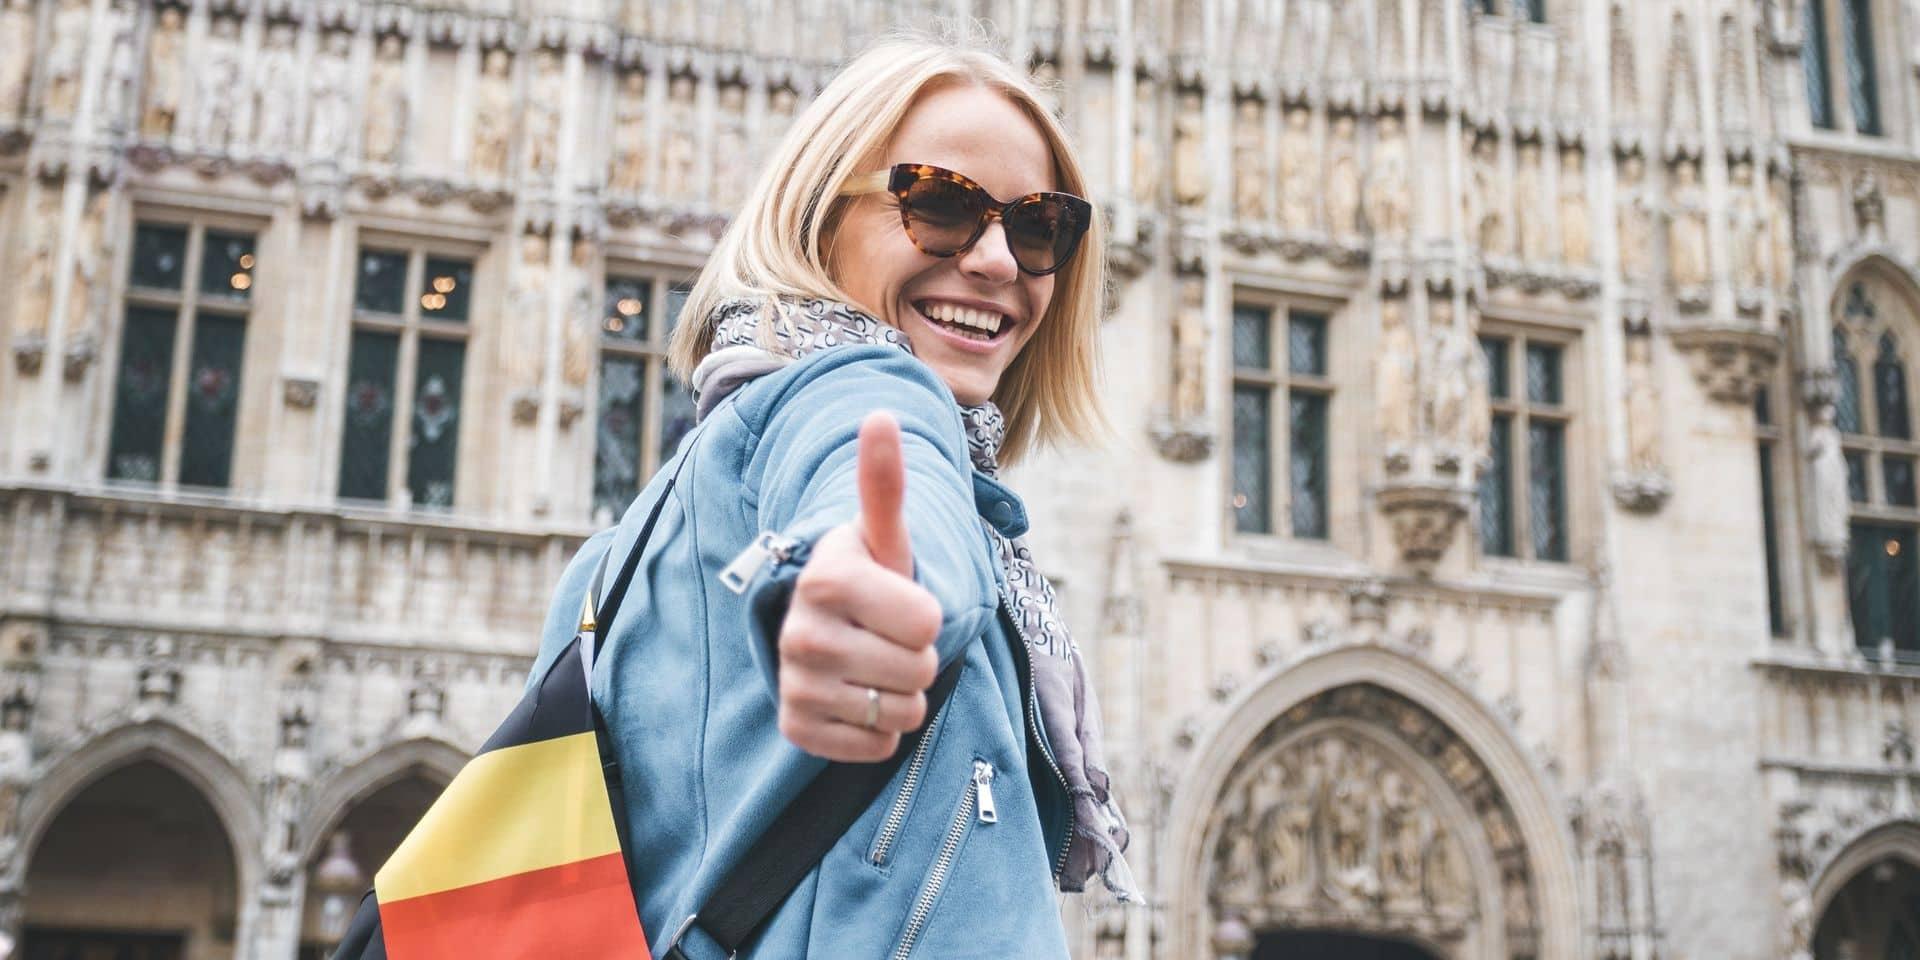 Pas moins de 900 boutiques mettront la mode belge à l'honneur la semaine prochaine